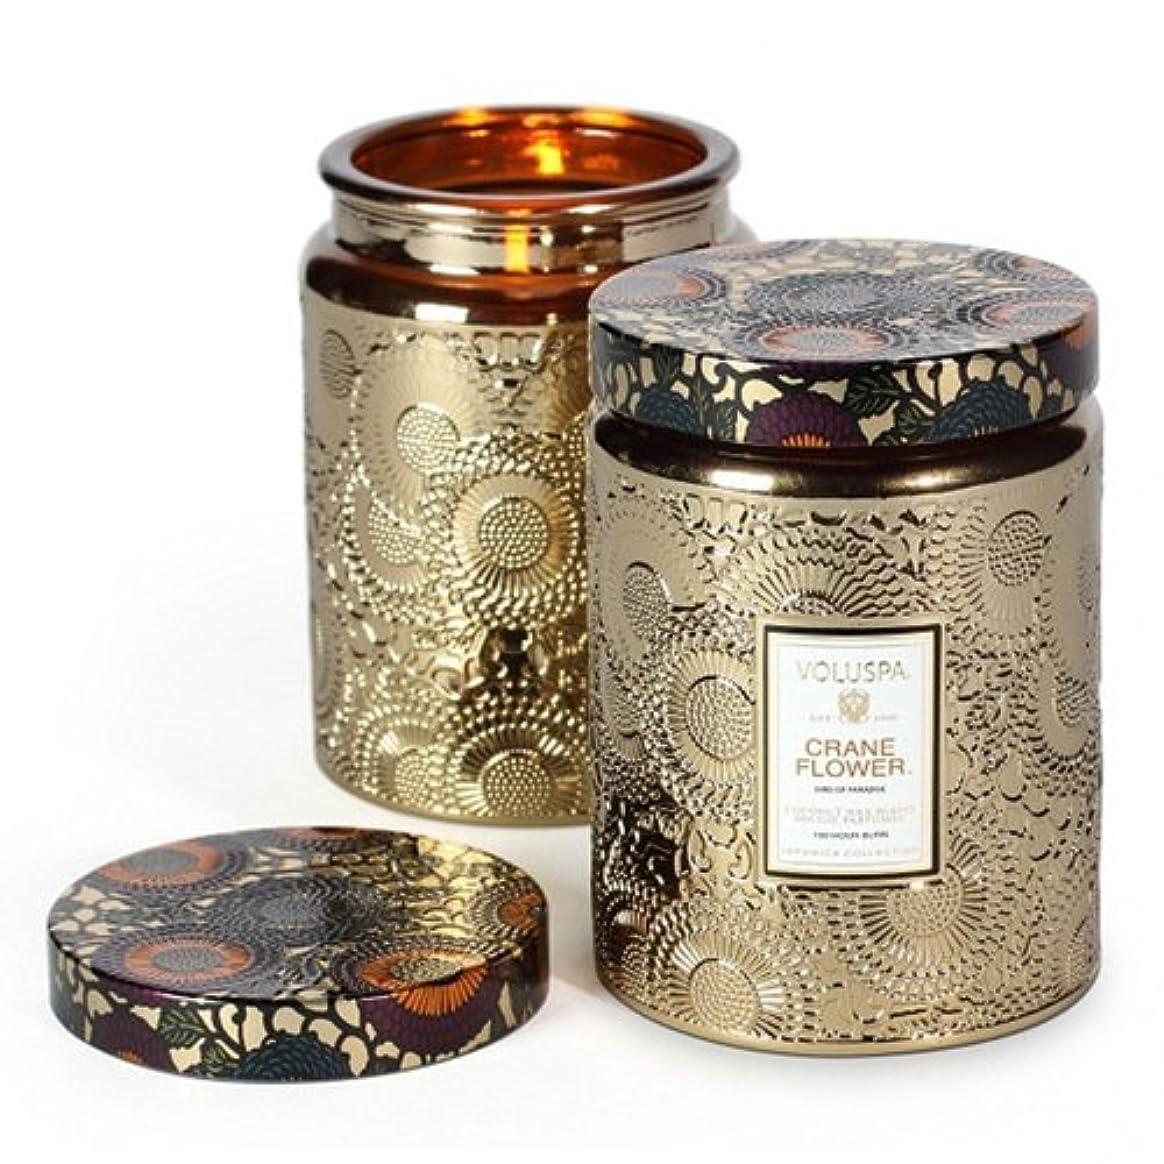 チャンバー取るに足らない黒くするVoluspa ボルスパ ジャポニカ グラスジャーキャンドル L クレーンフラワー JAPONICA Glass jar candle CRANE FLOWER